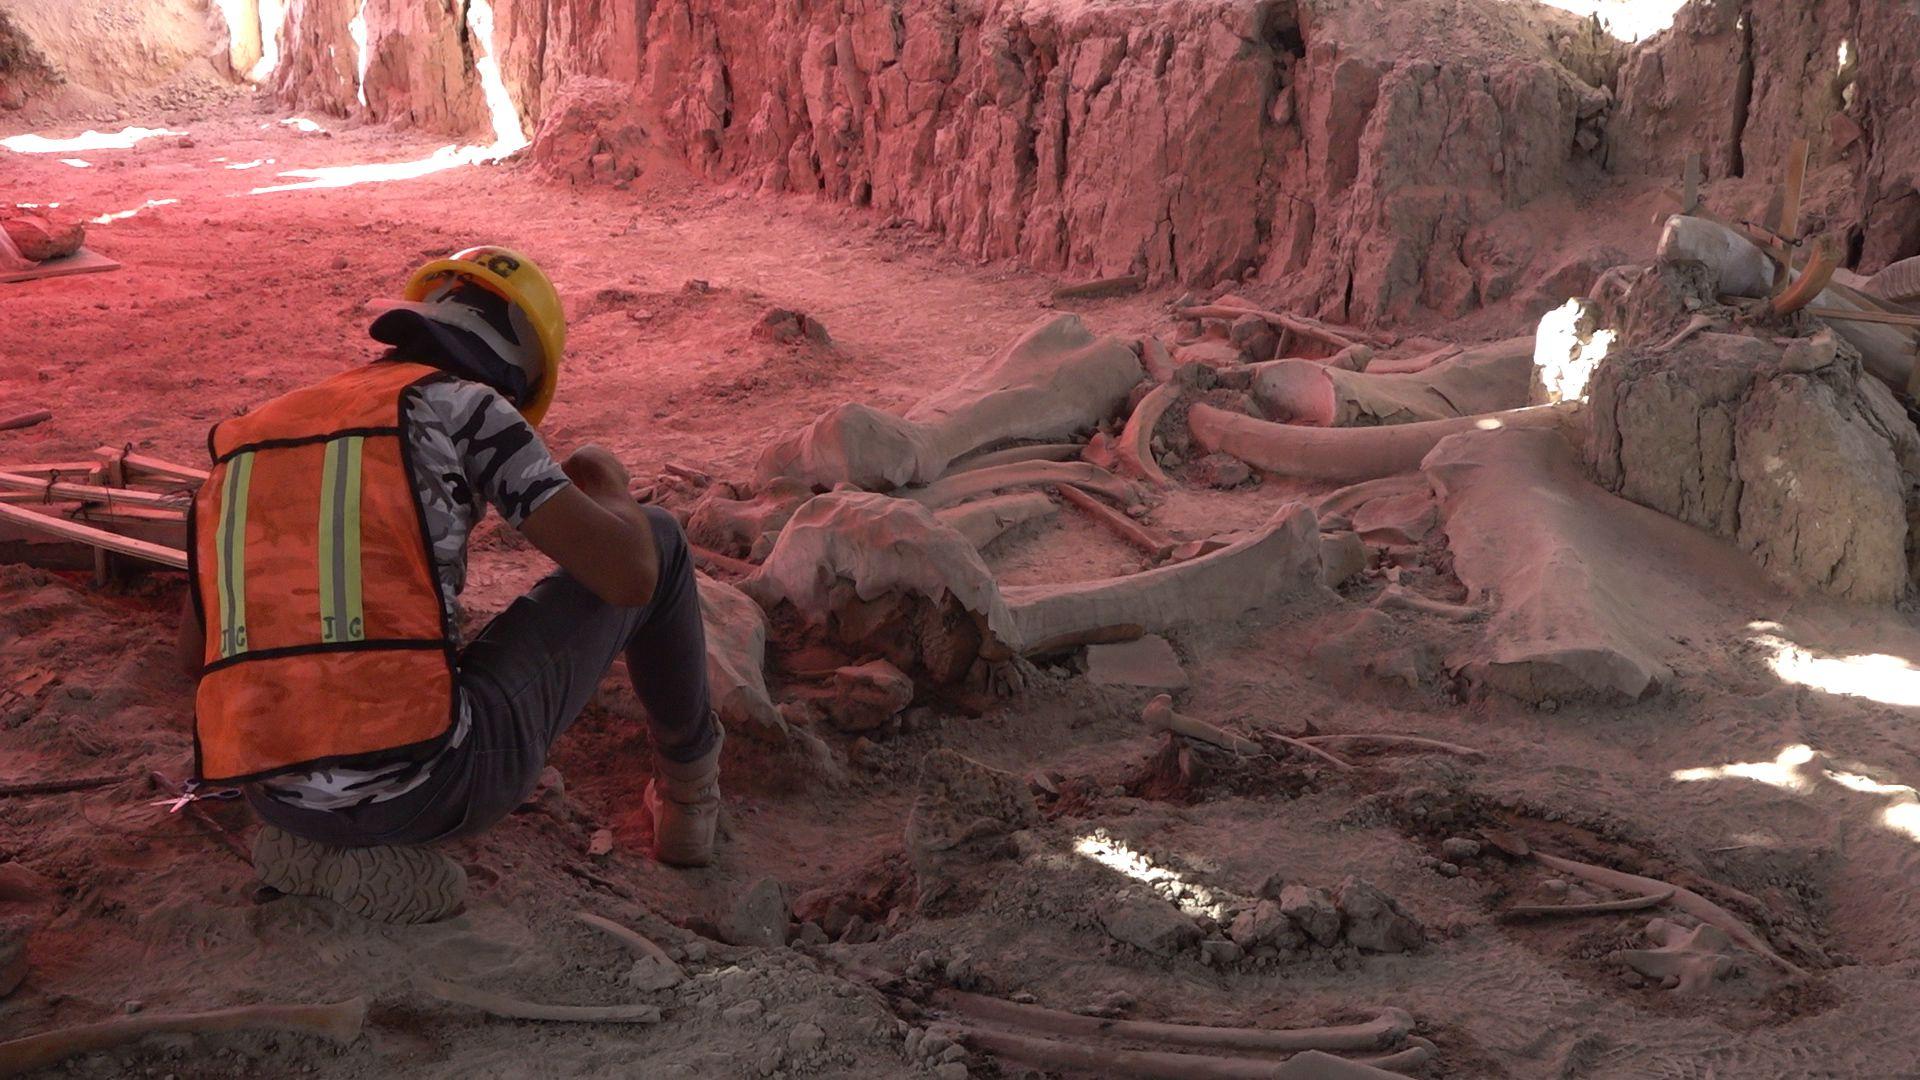 MAMUT - MAMUTS - HUESOS - ARQUEOLOGIA - INAH - MEXICO - AEROPUERTO - SANTA - LUCIA - 12112020